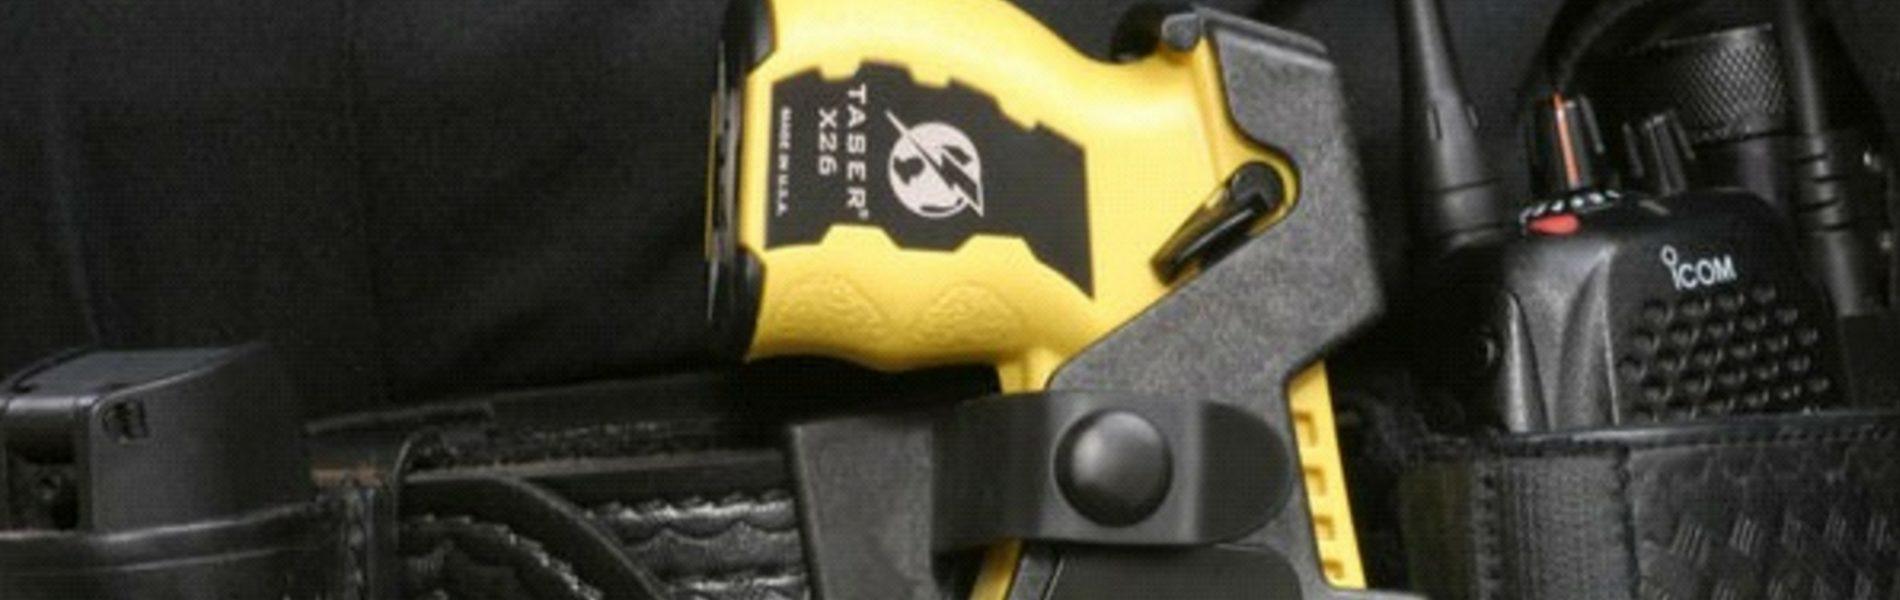 Introduzione in via definitiva pistole Taser